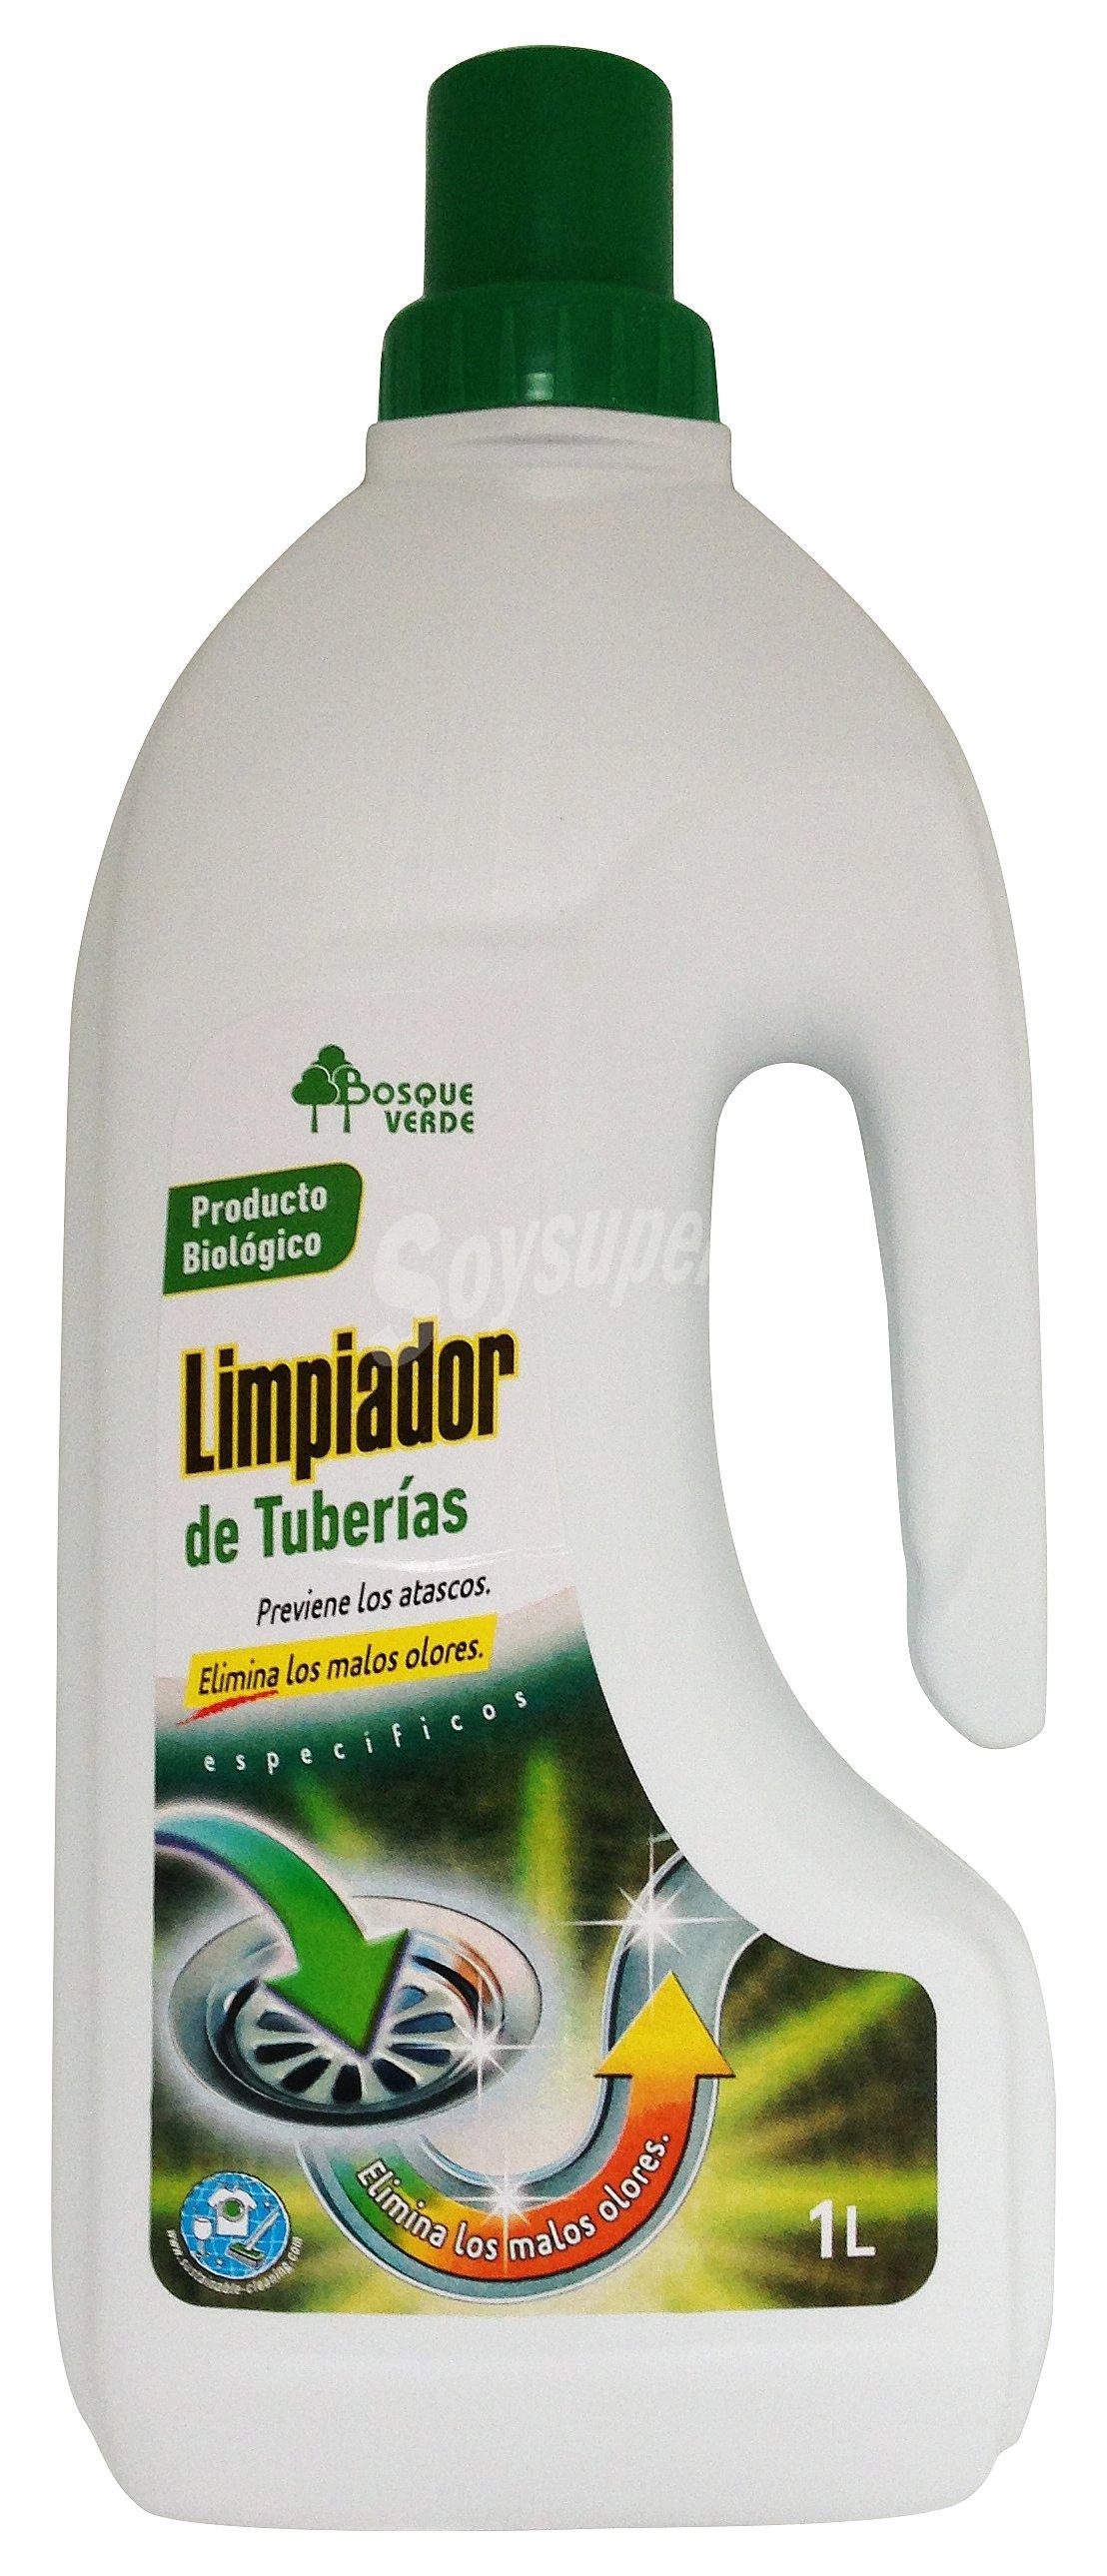 Limpiador Baño Bosque Verde:Bosque Verde Limpiador tuberias (eliminador DE olores) (botella blanca